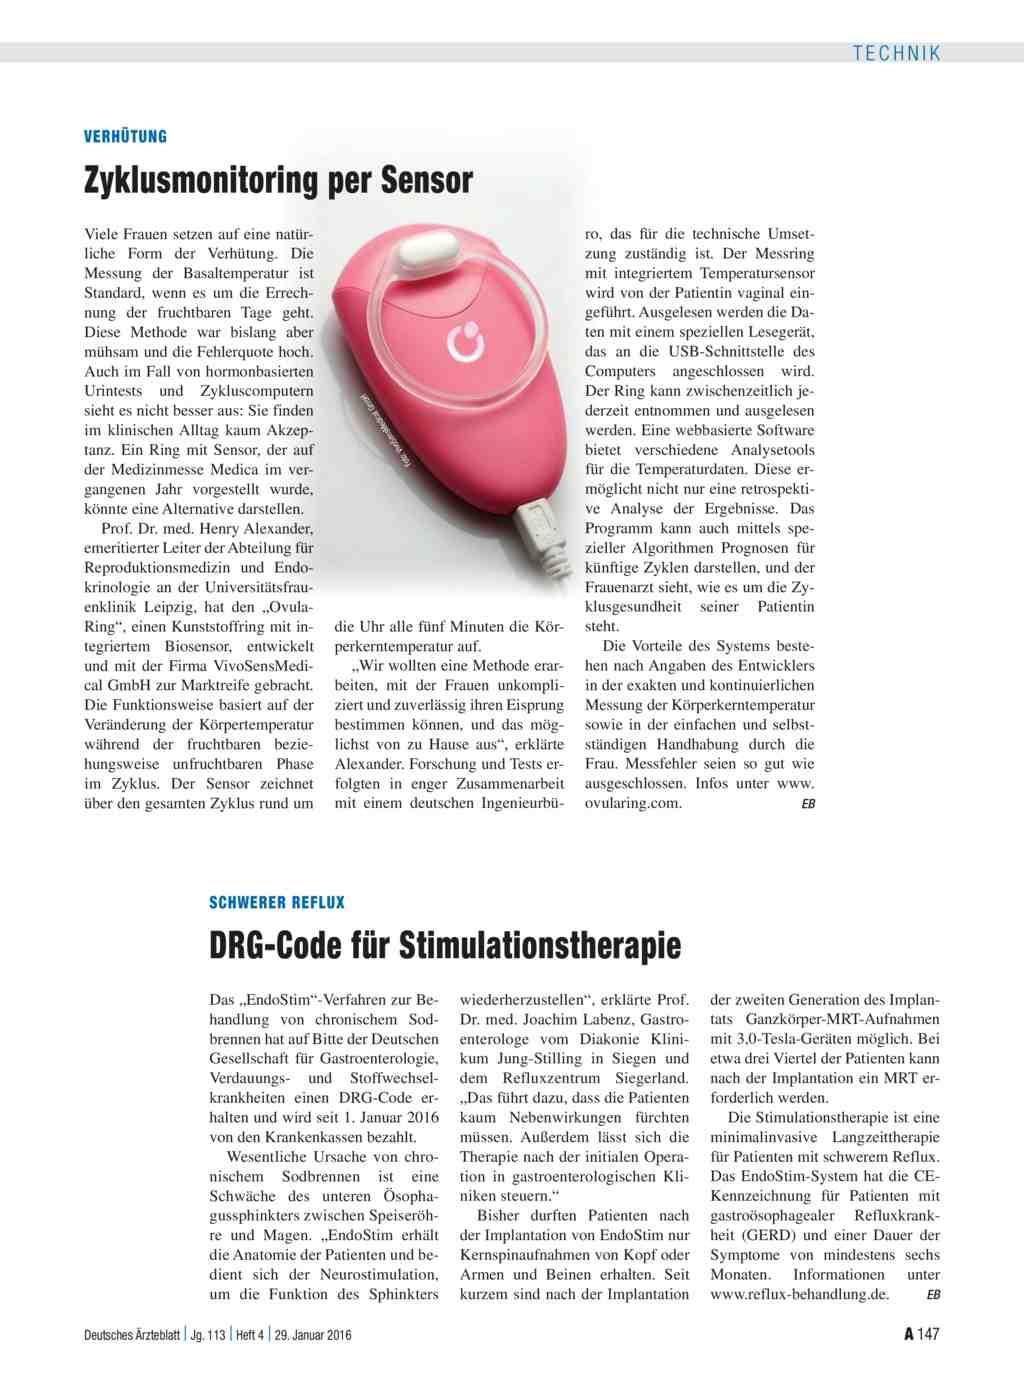 Schwerer Reflux: DRG-Code für Stimulationstherapie